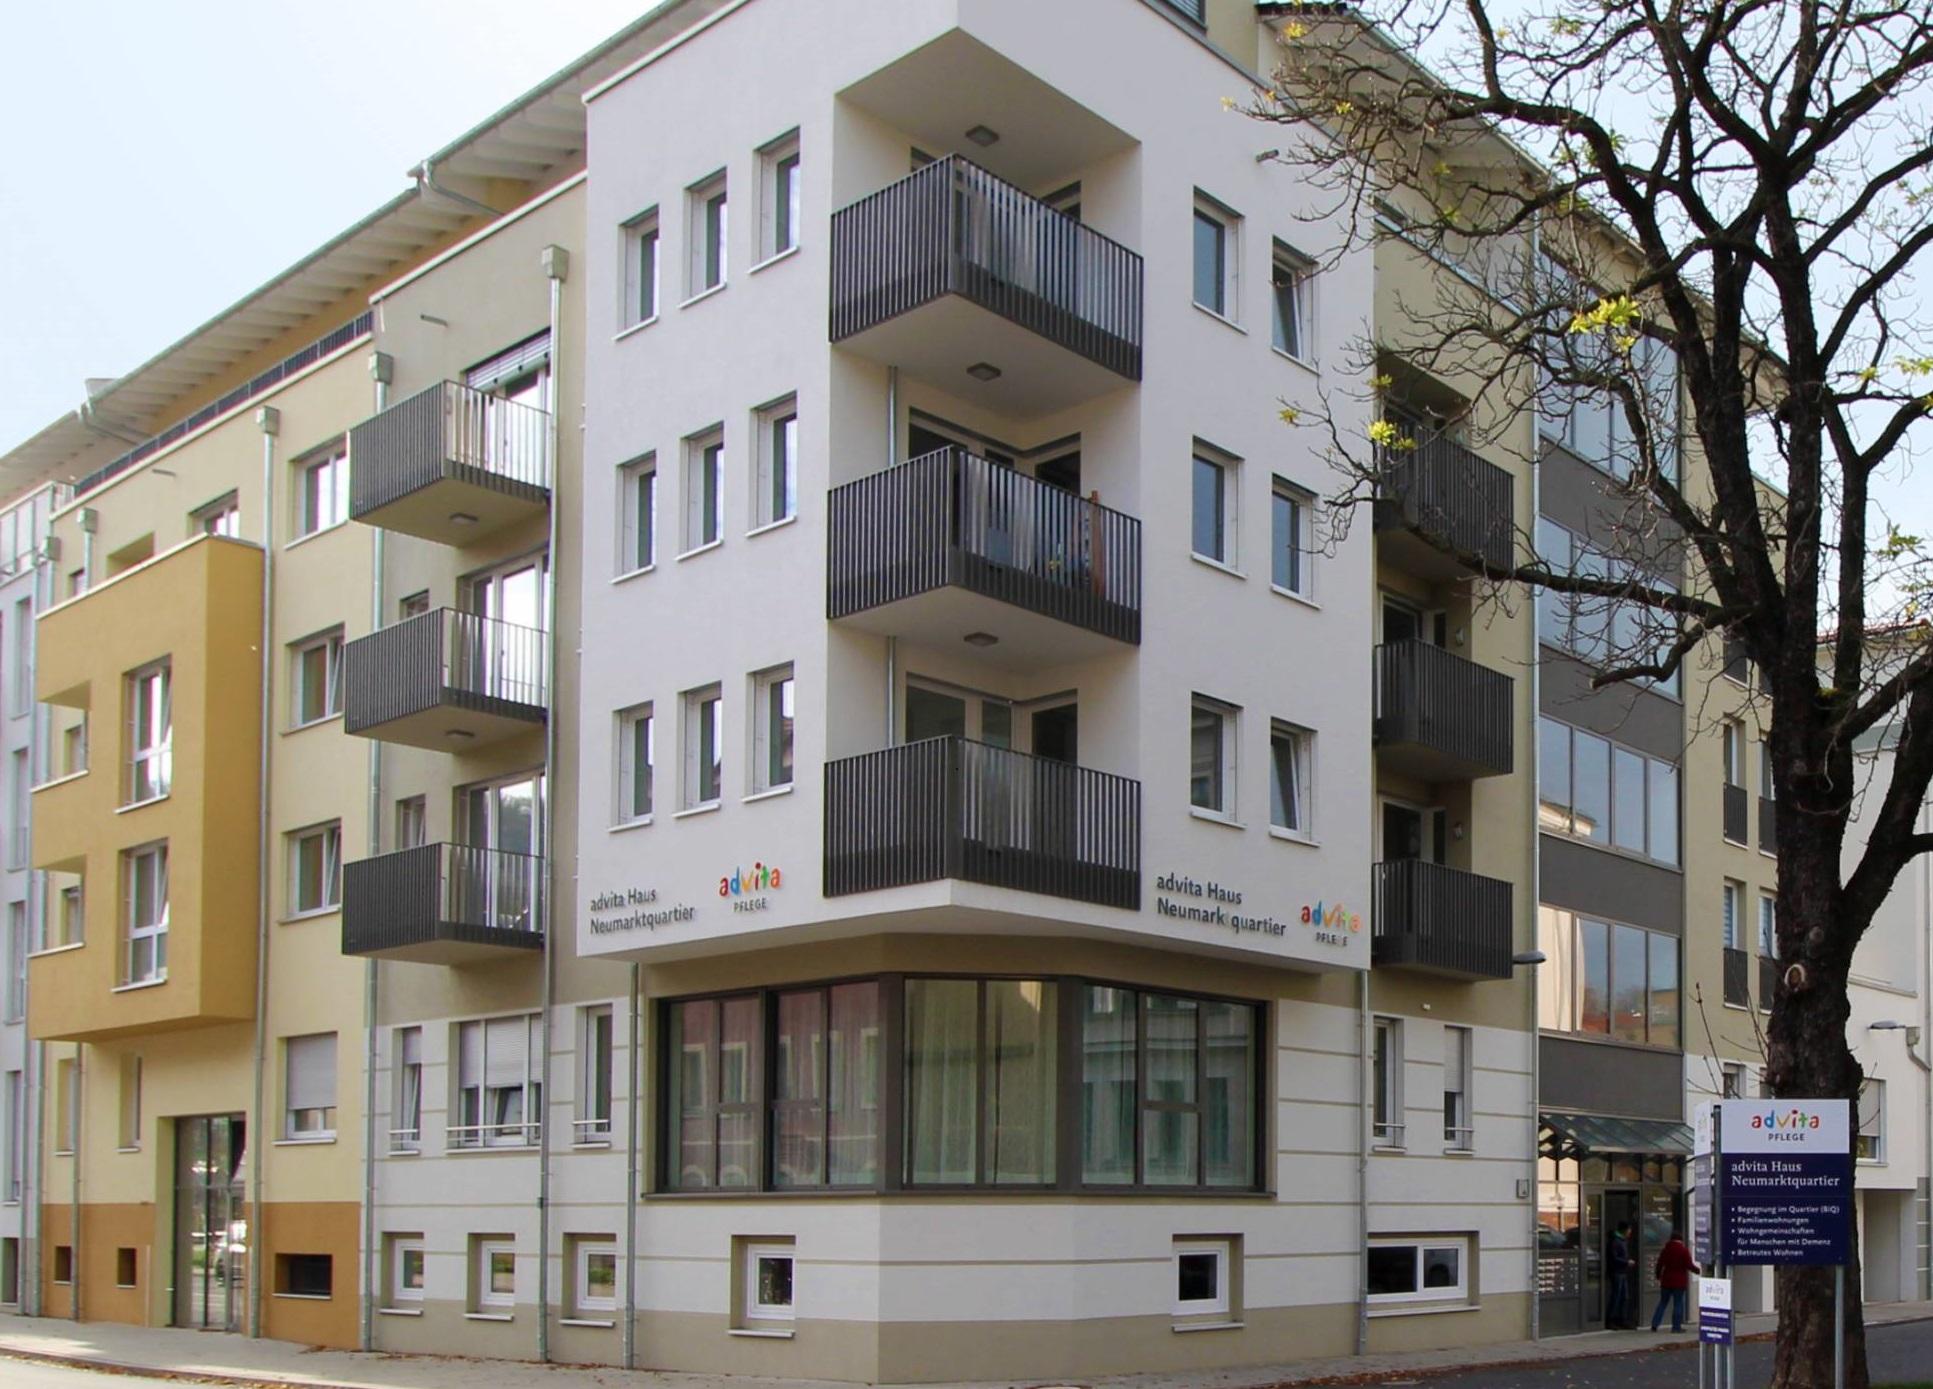 advita haus neumarktquartier in mei en branchenbuch deutschland. Black Bedroom Furniture Sets. Home Design Ideas